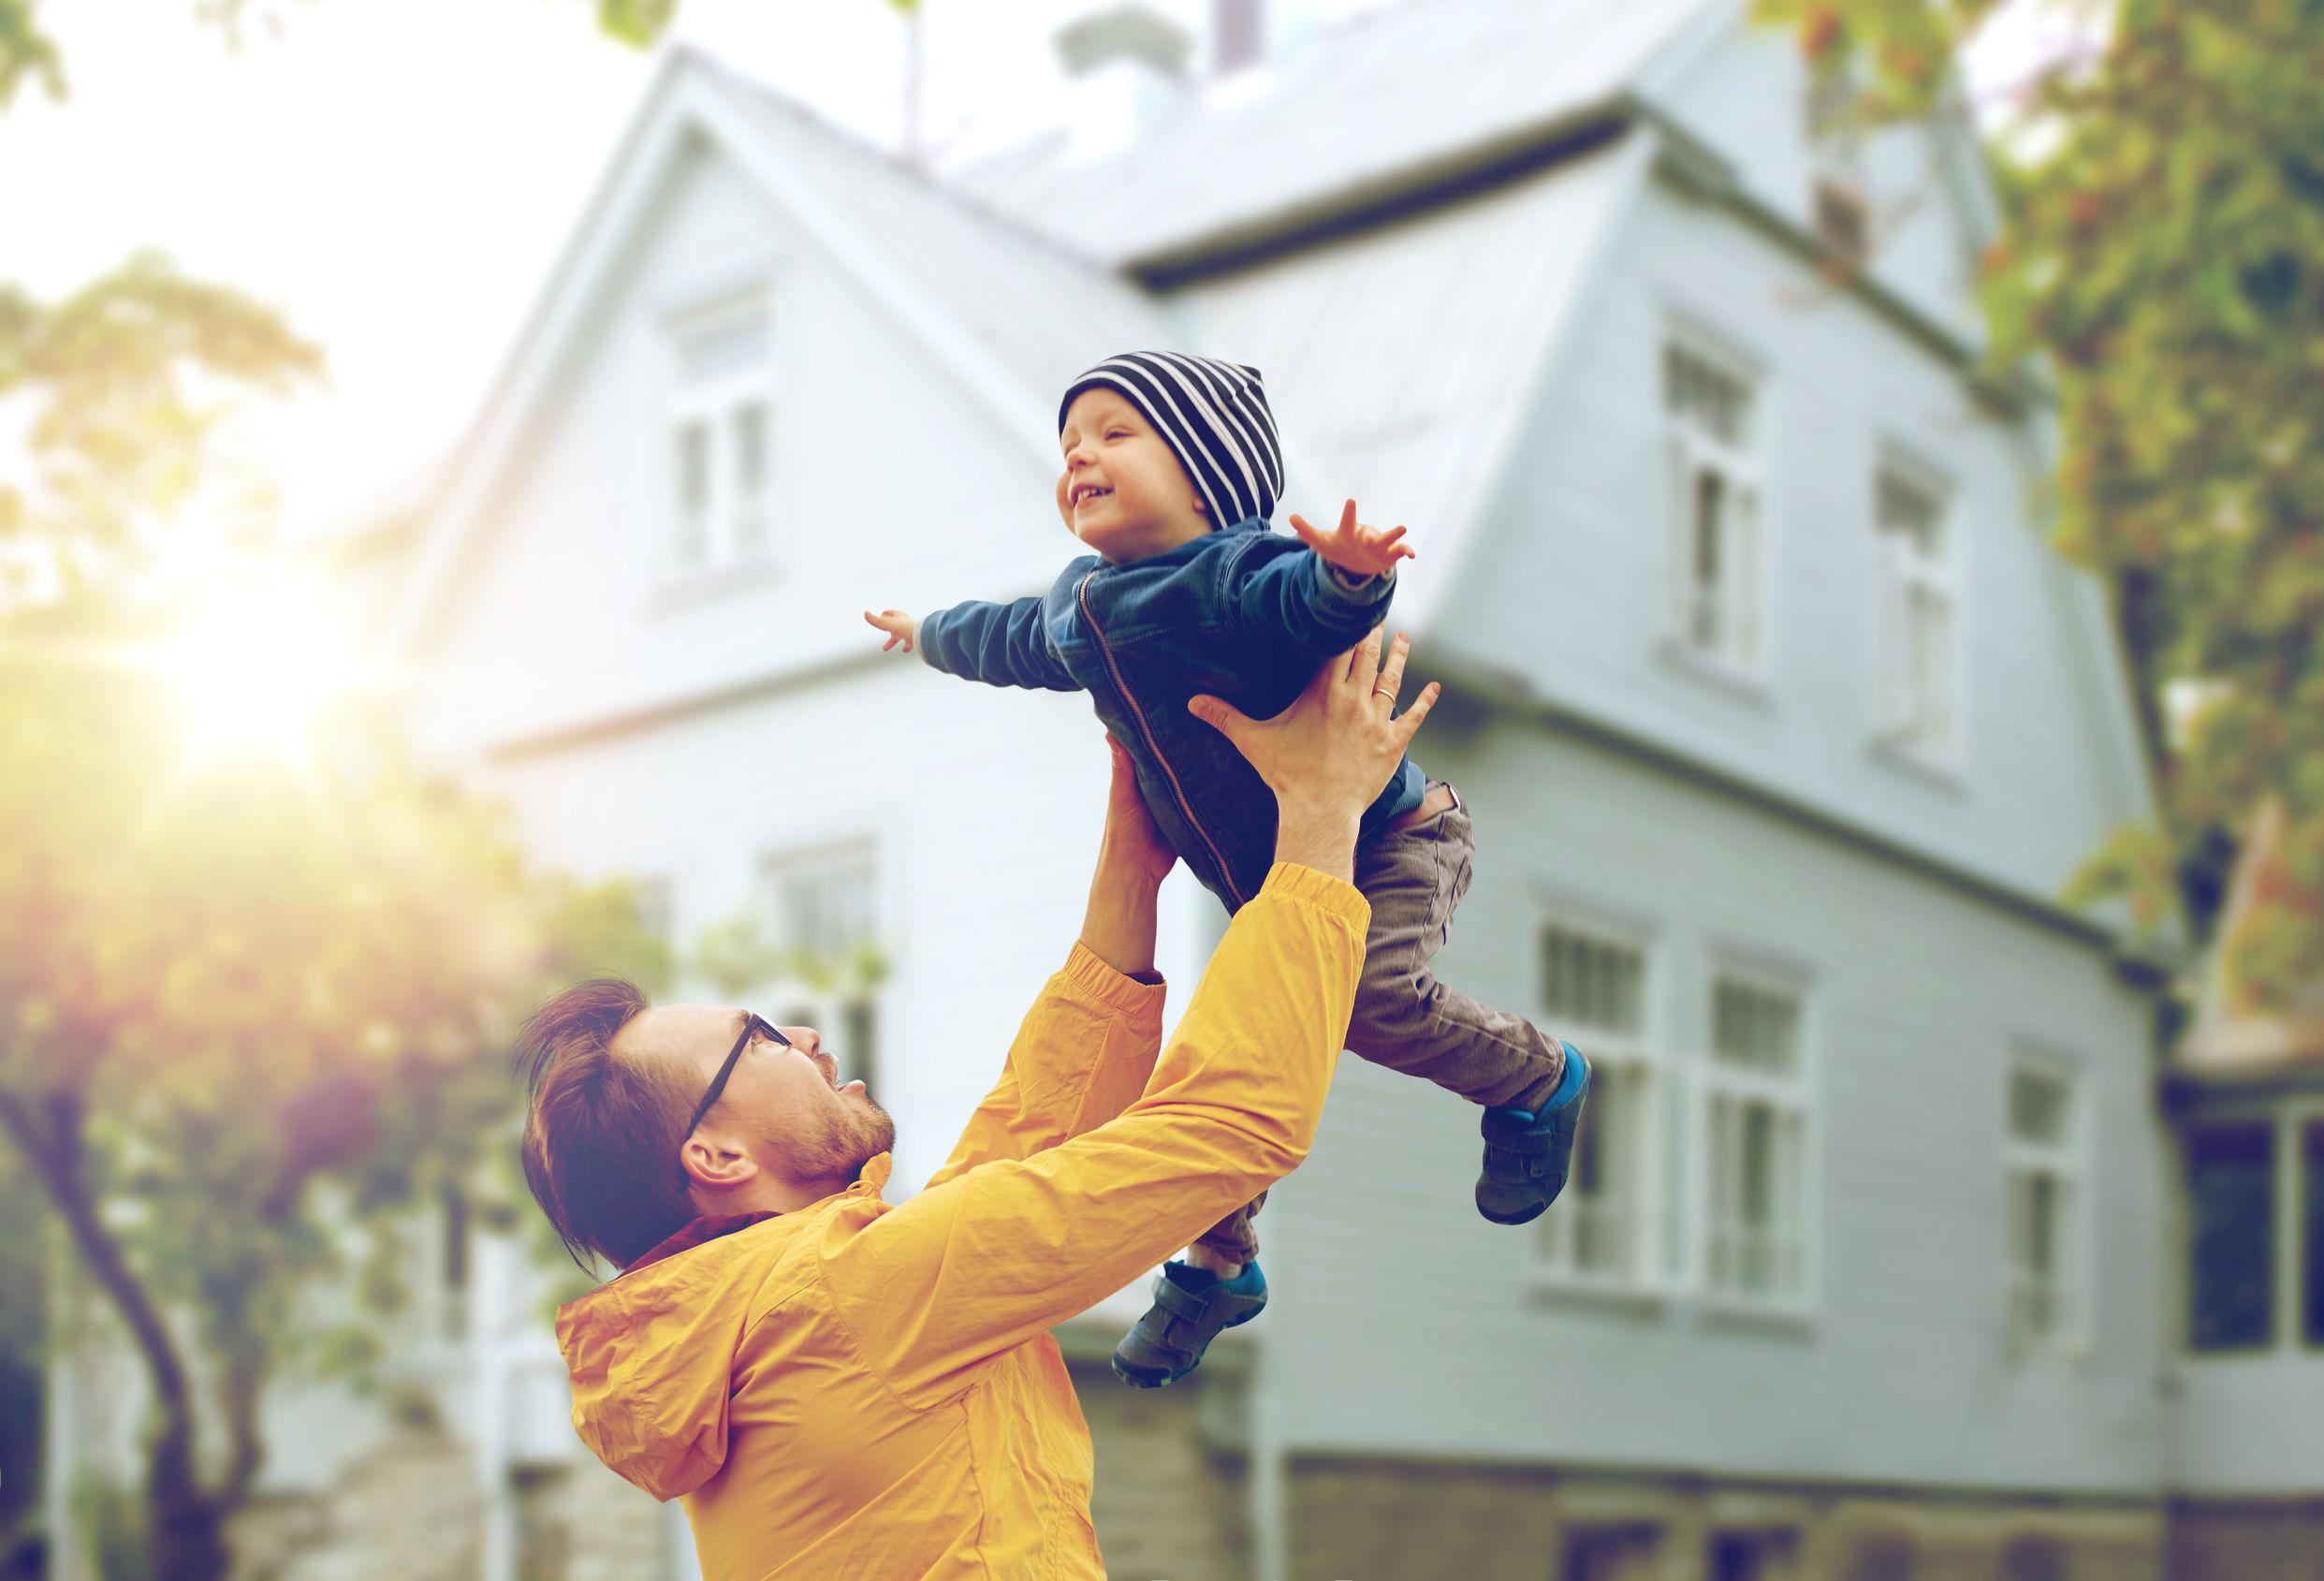 Mies heittää lapsen ilmaan ja lapsi nauraa